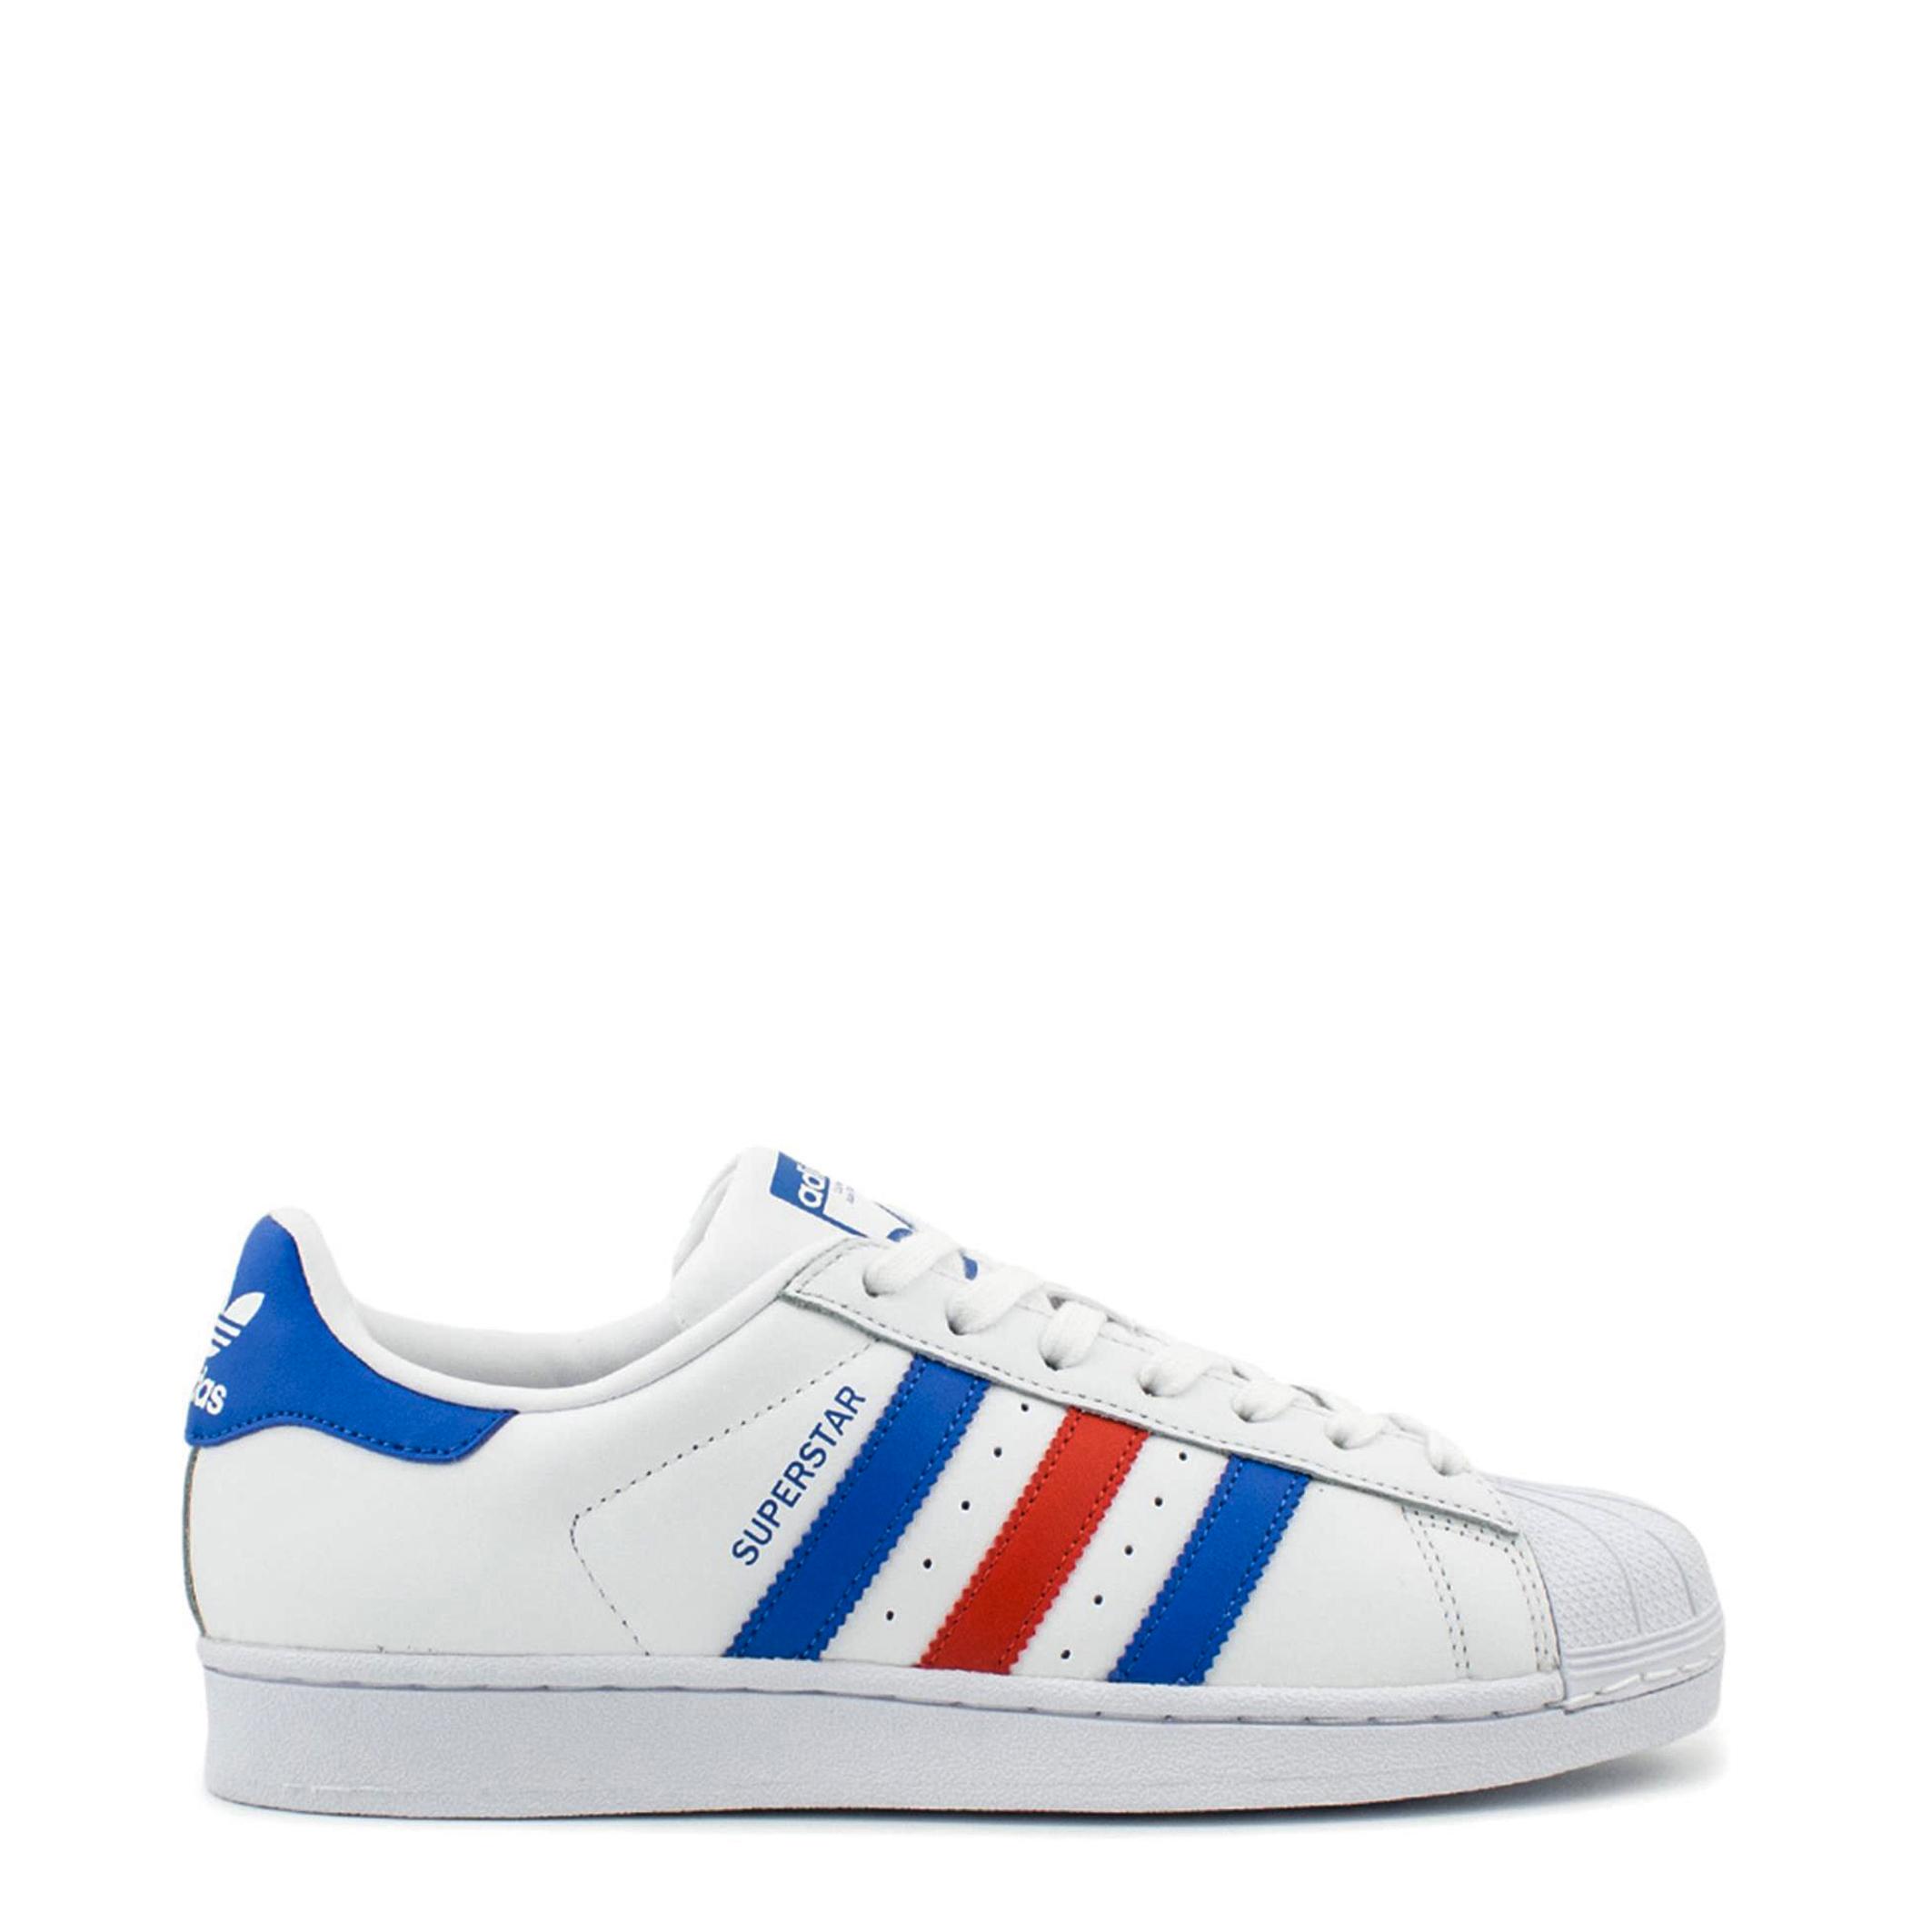 détaillant en ligne 5bc85 f423a Details about Adidas Unisexe Superstar Baskets Blanc Bleu-Rouge Rayures